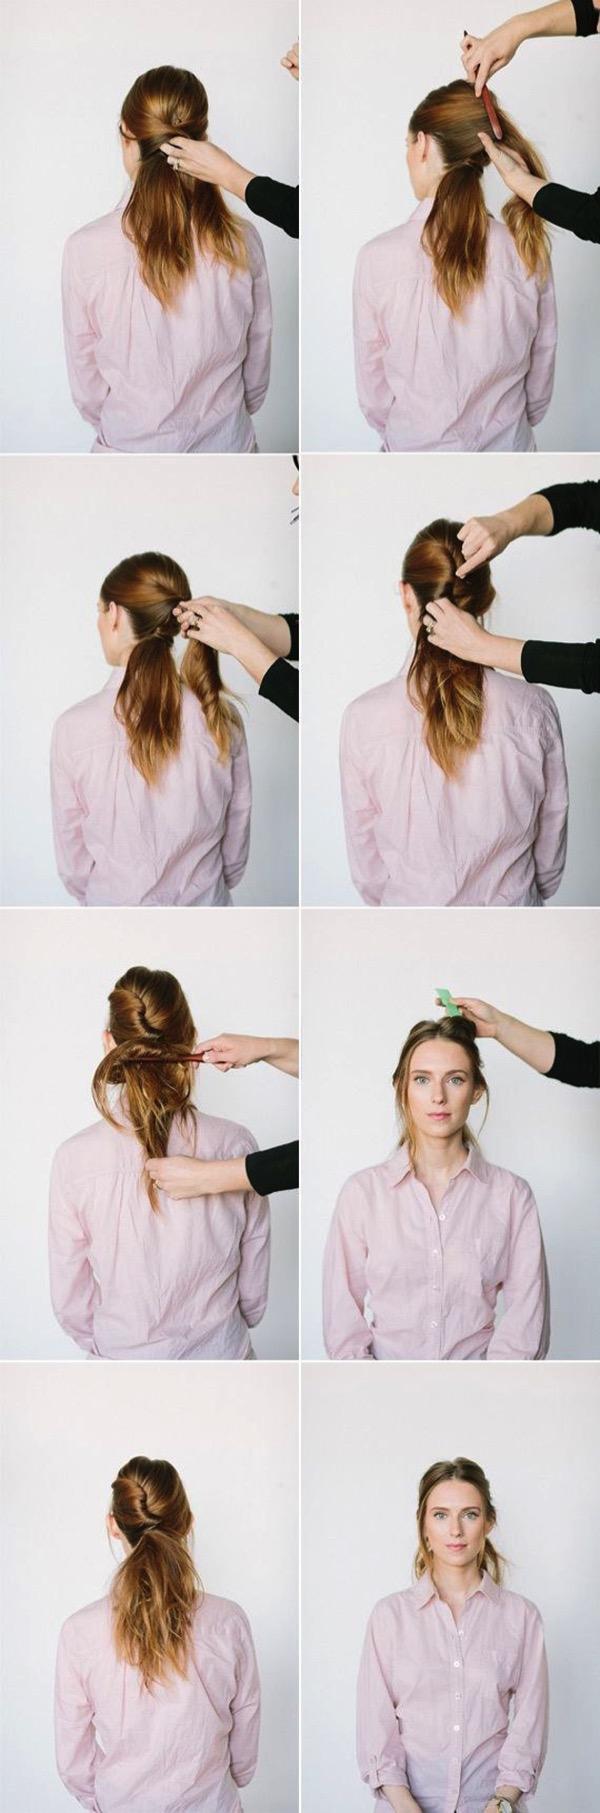 Cómo hacer Peinados de princesa de Disney paso a paso 3